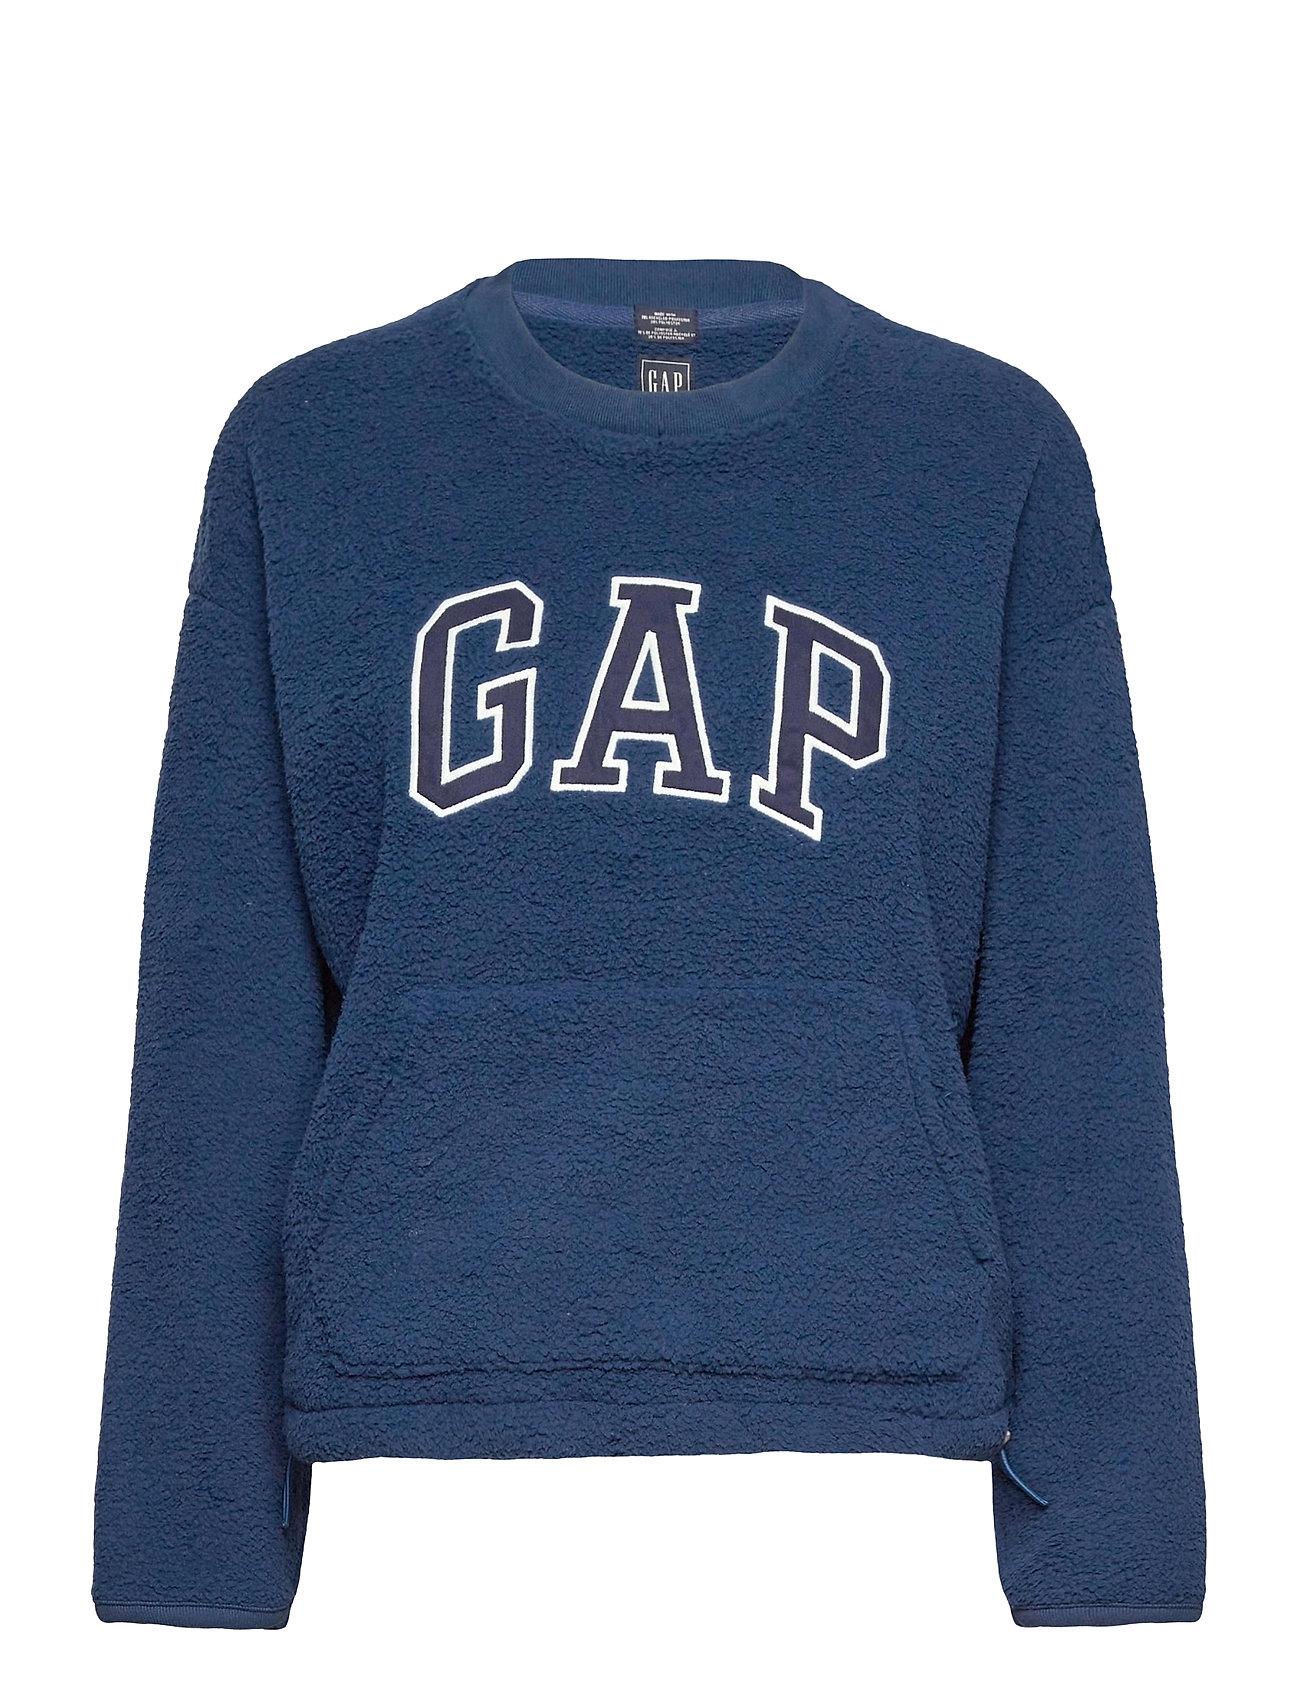 Image of Gap Sherpa Po Cr Sweatshirt Trøje Blå GAP (3489185077)